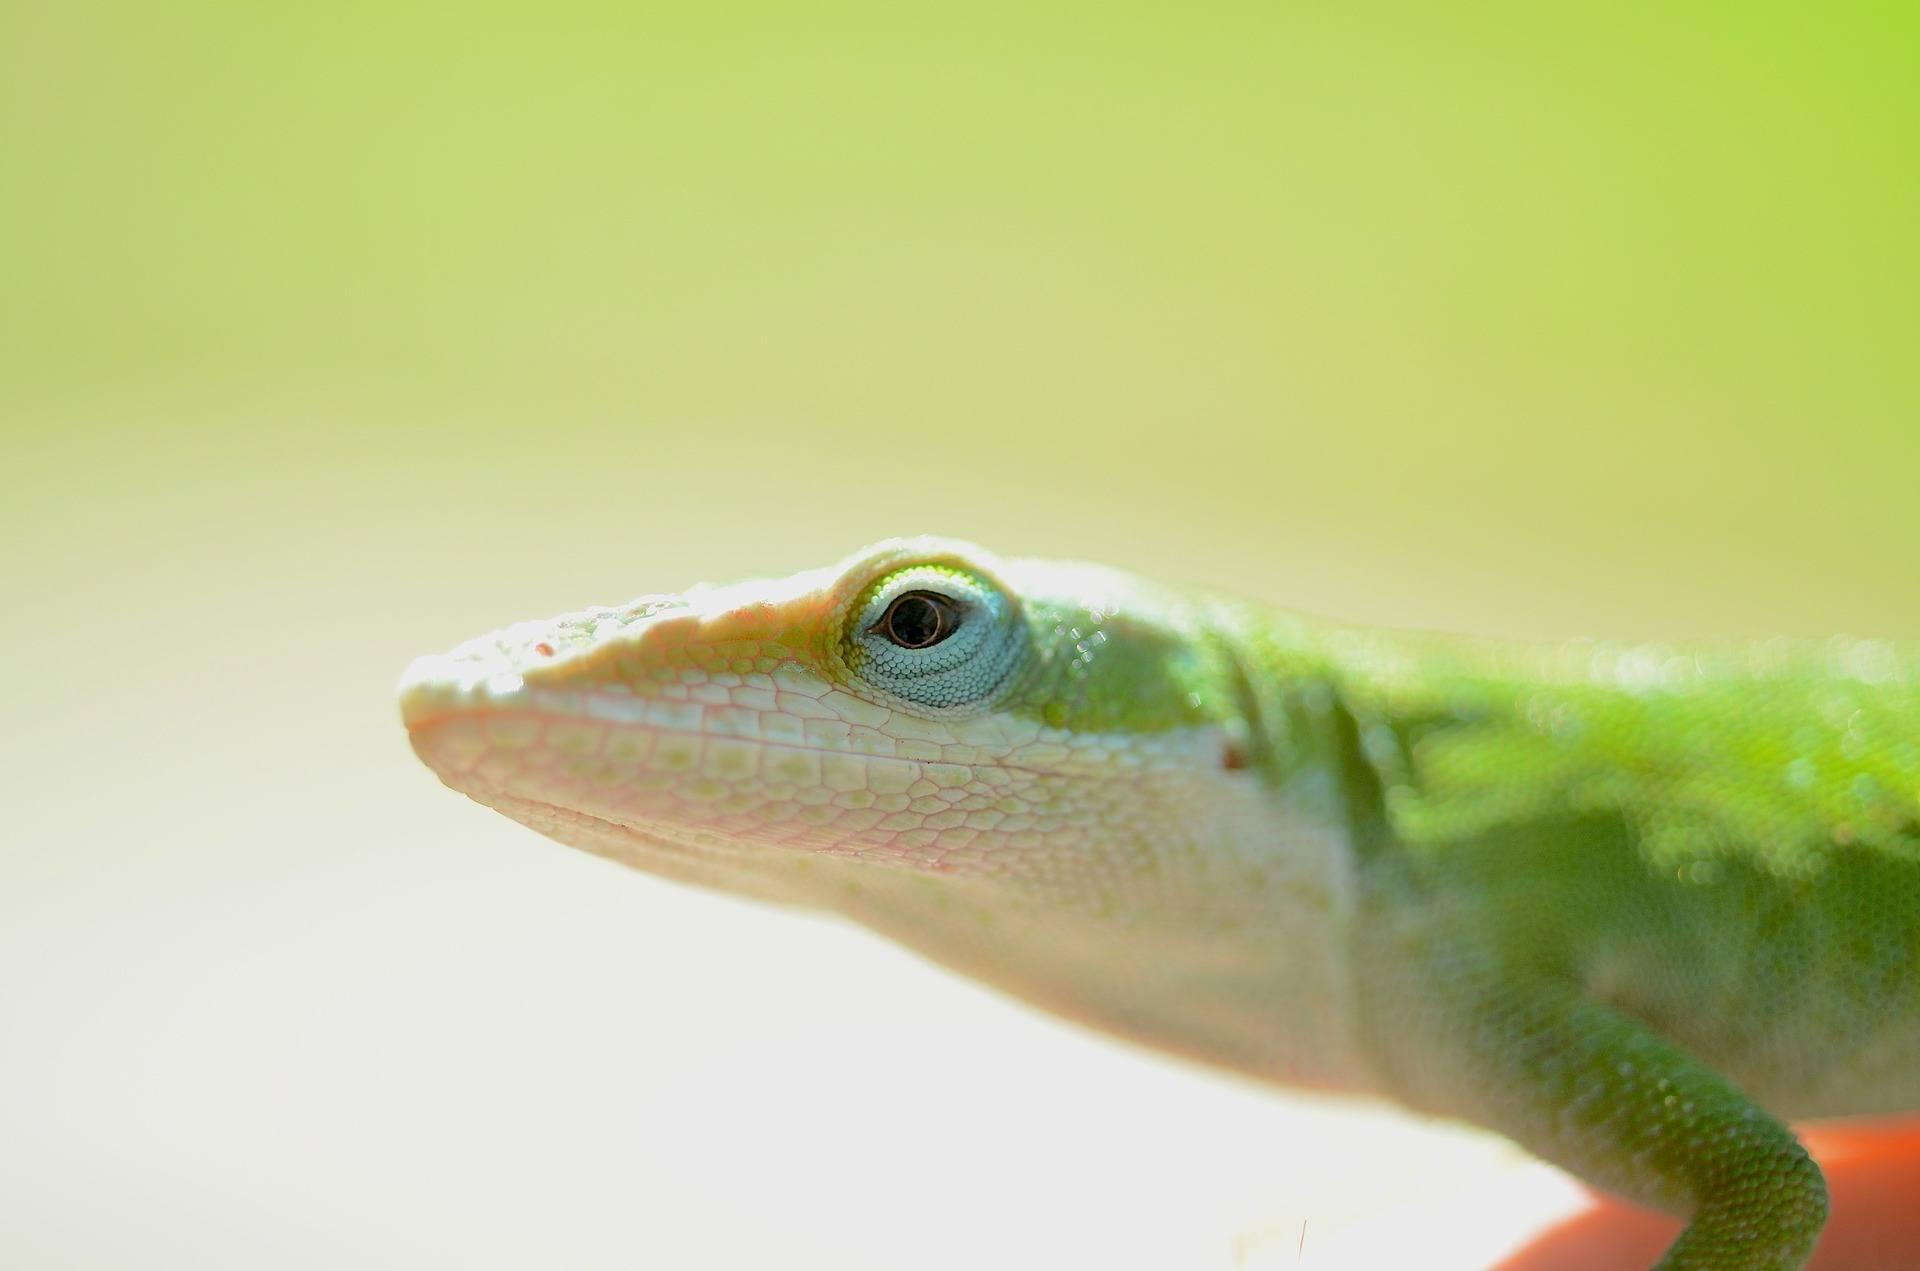 green anole lizard facts